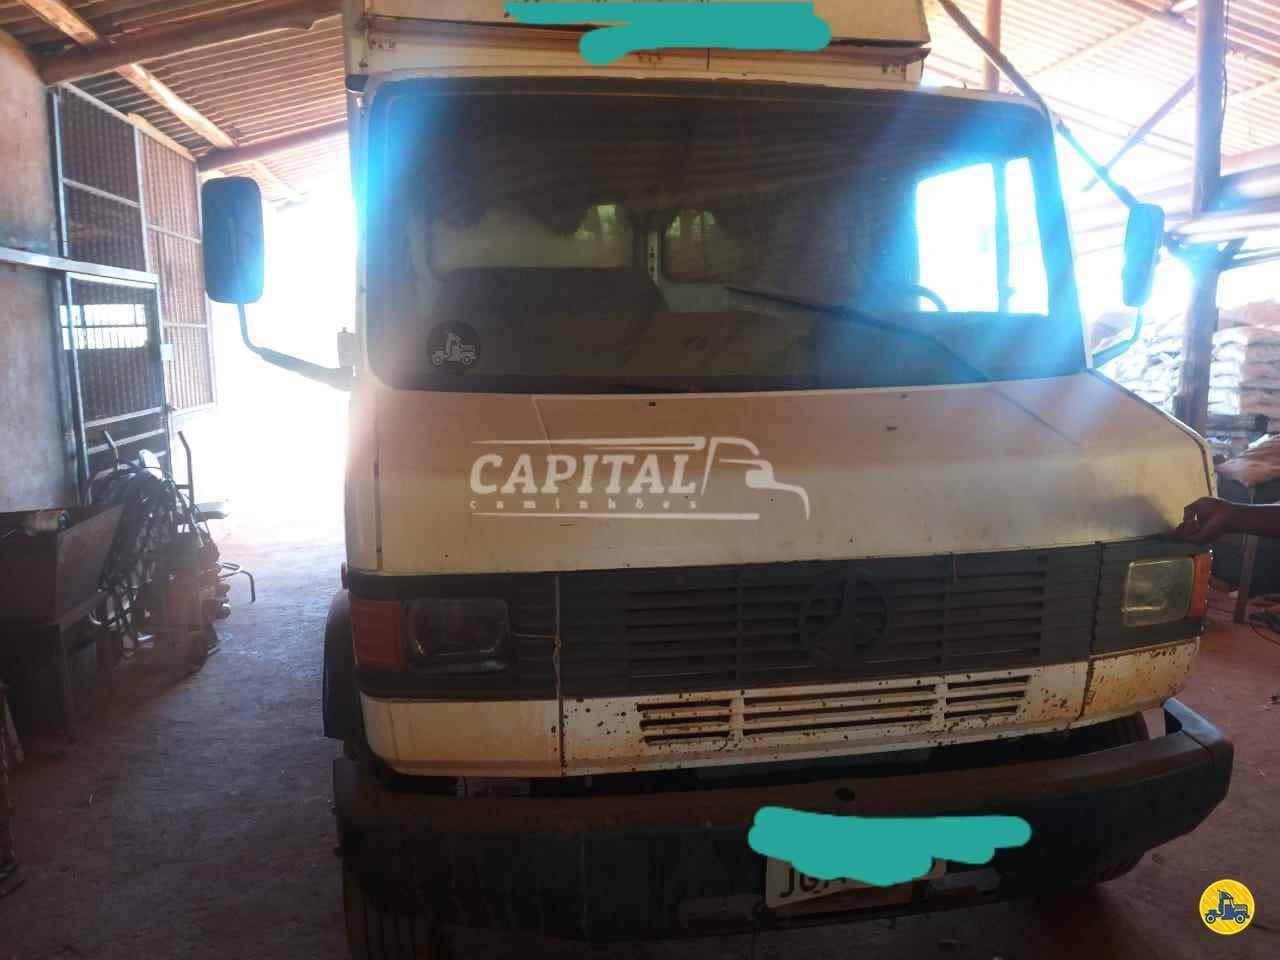 MERCEDES-BENZ MB 710 330000km 2001/2001 Capital Caminhões - Metalesp e Recrusul